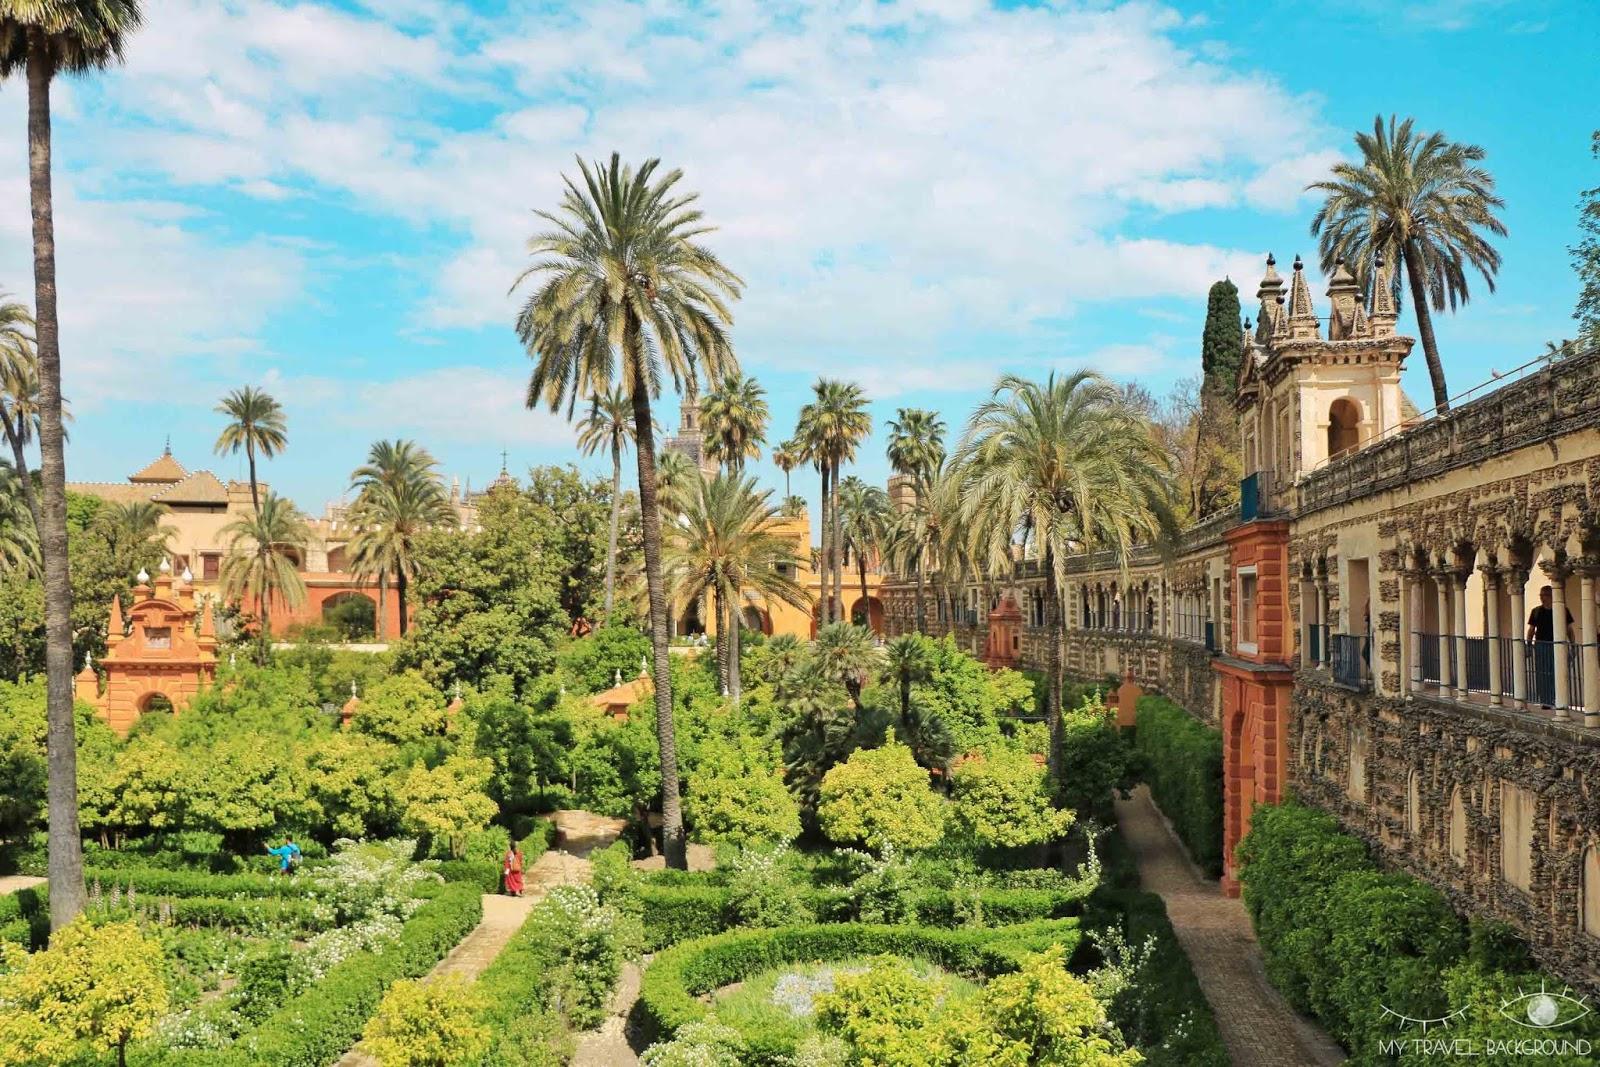 My Travel Background : mon road trip de 10 jours en Andalousie, Espagne : itinéraire et infos pratiques - Alcazar de Seville